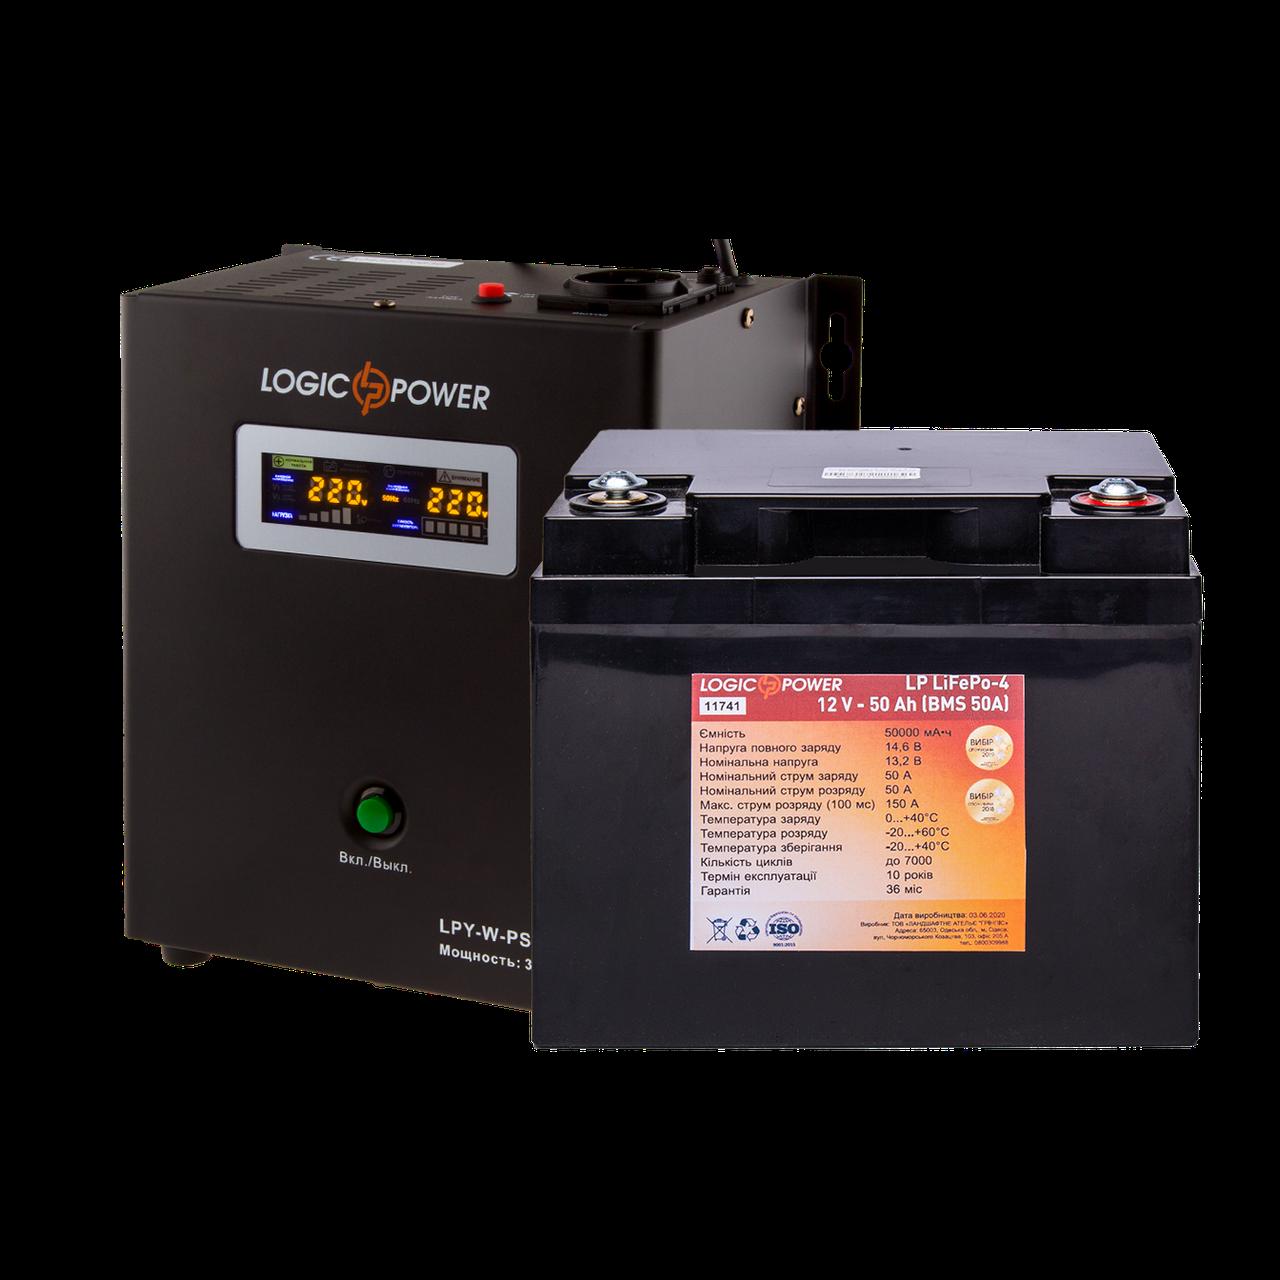 Комплект резервного питания для котла Logicpower W500 + литиевая (Lifepo4) батарея 750ватт